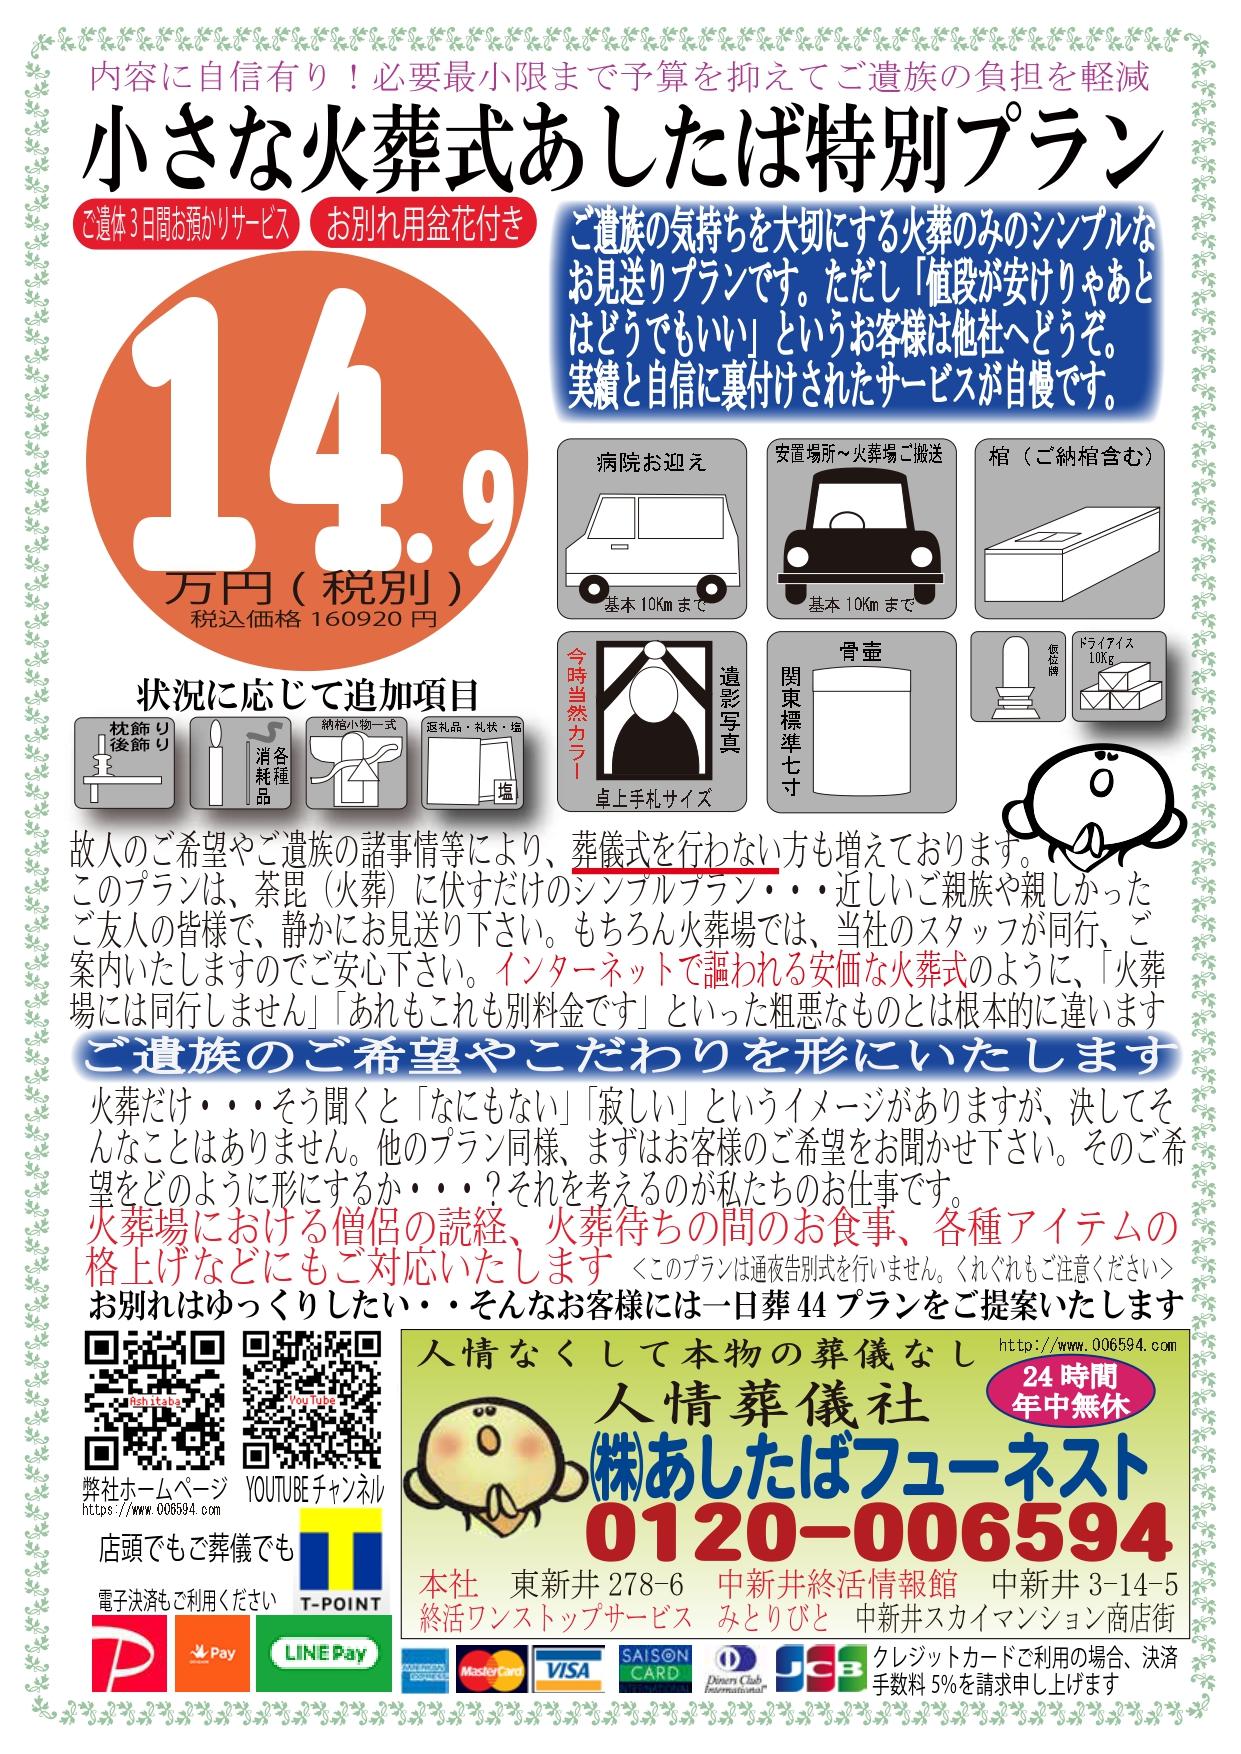 小さな火葬式あしたば特別プラン(税別14.9万円)